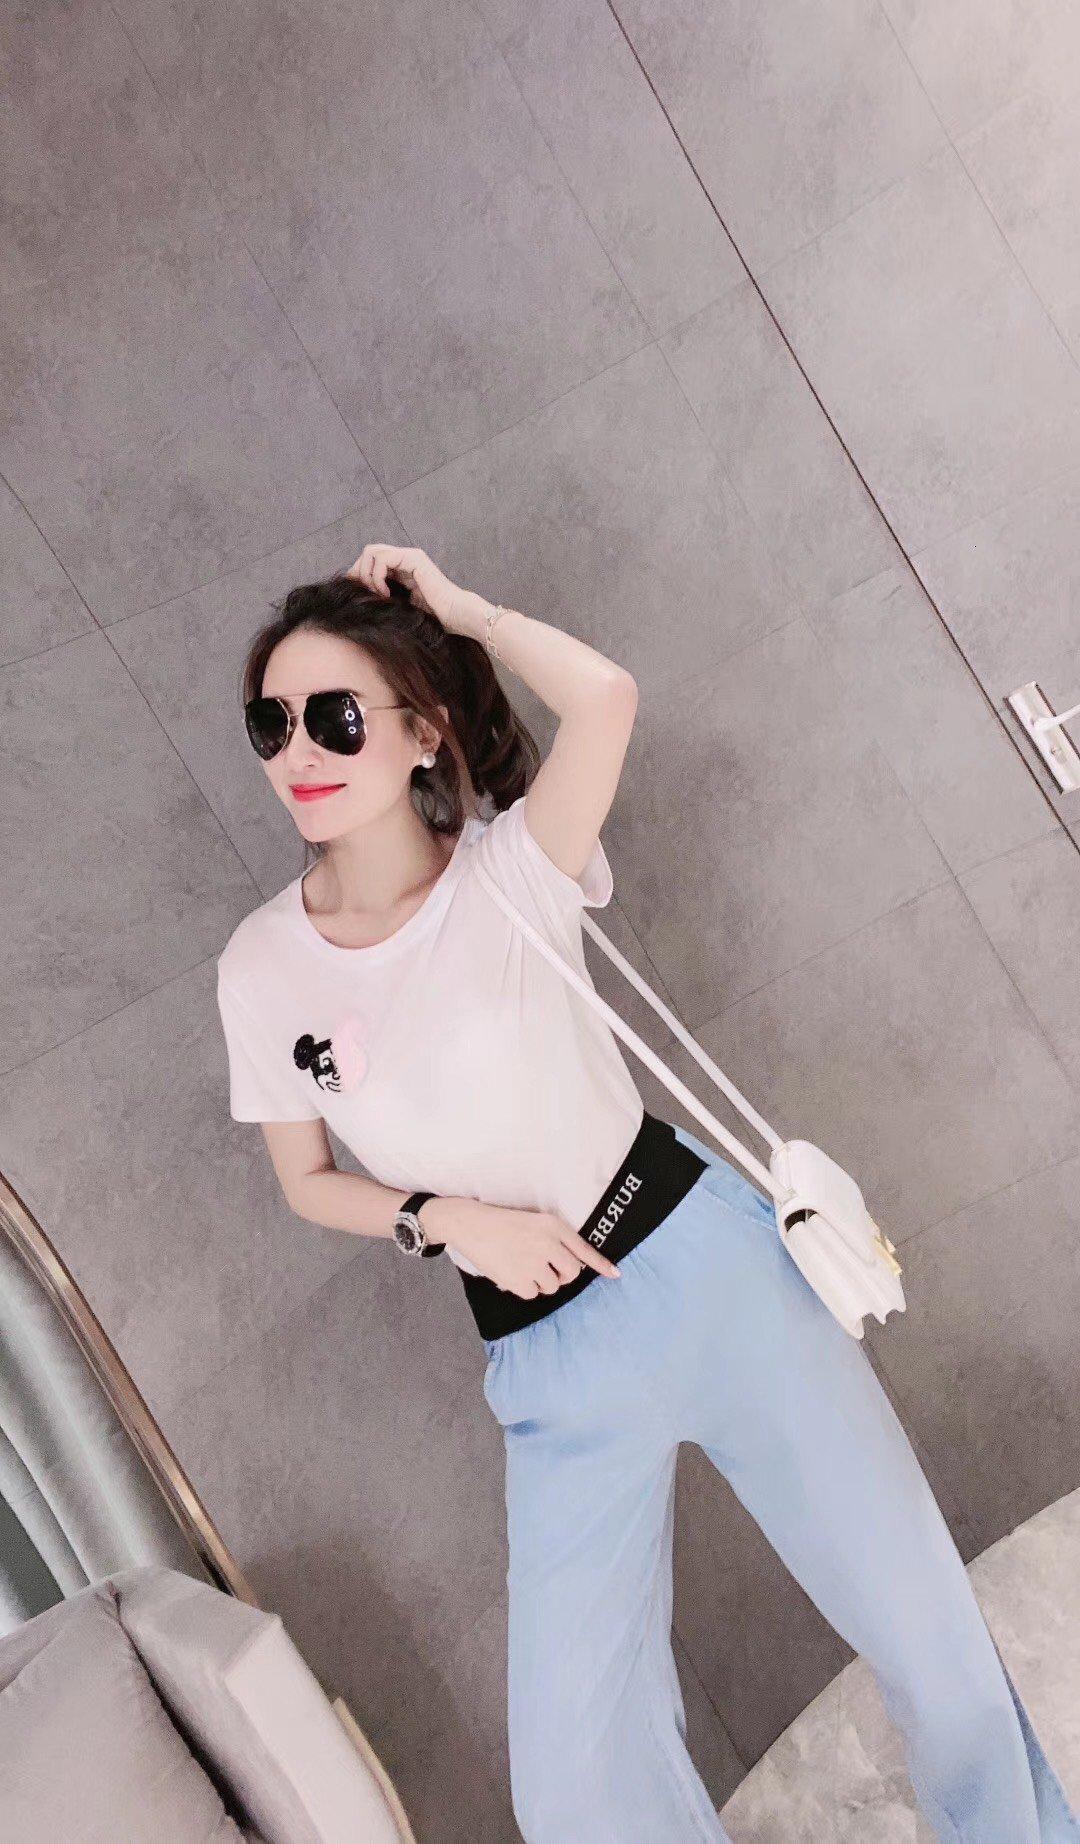 Tasarımcı Kadınlar Gömlek 2020 Yaz moda gömlek tişörtleri Ücretsiz favori yeni listeleme Parti çekicilik 2MQC nakliye bahar